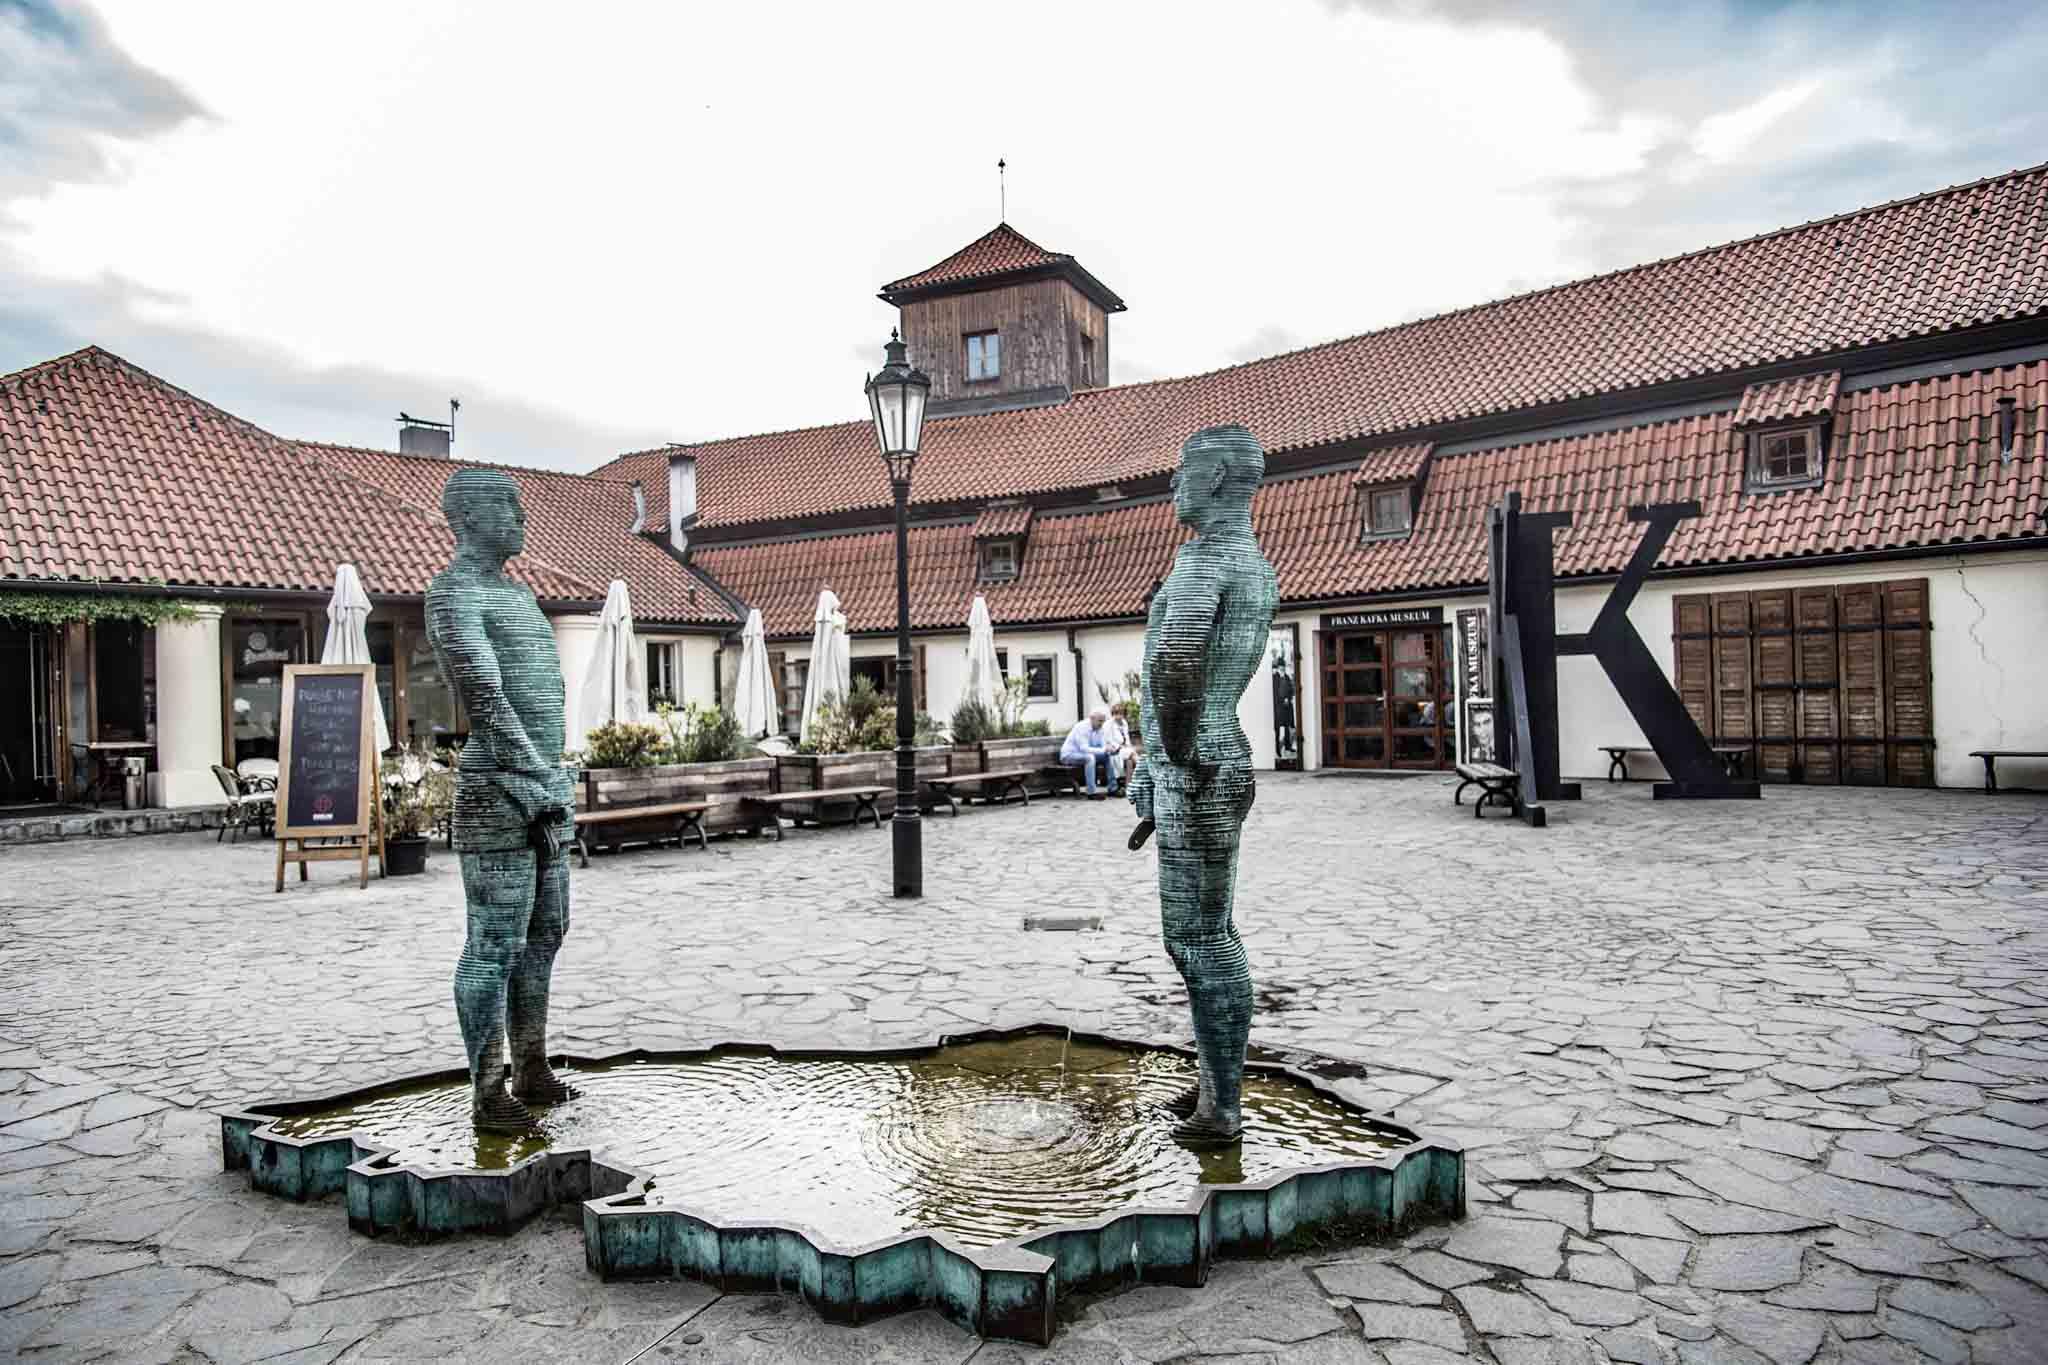 Muzeum Kafki w Pradze: ciemno, duszno, dziwnie